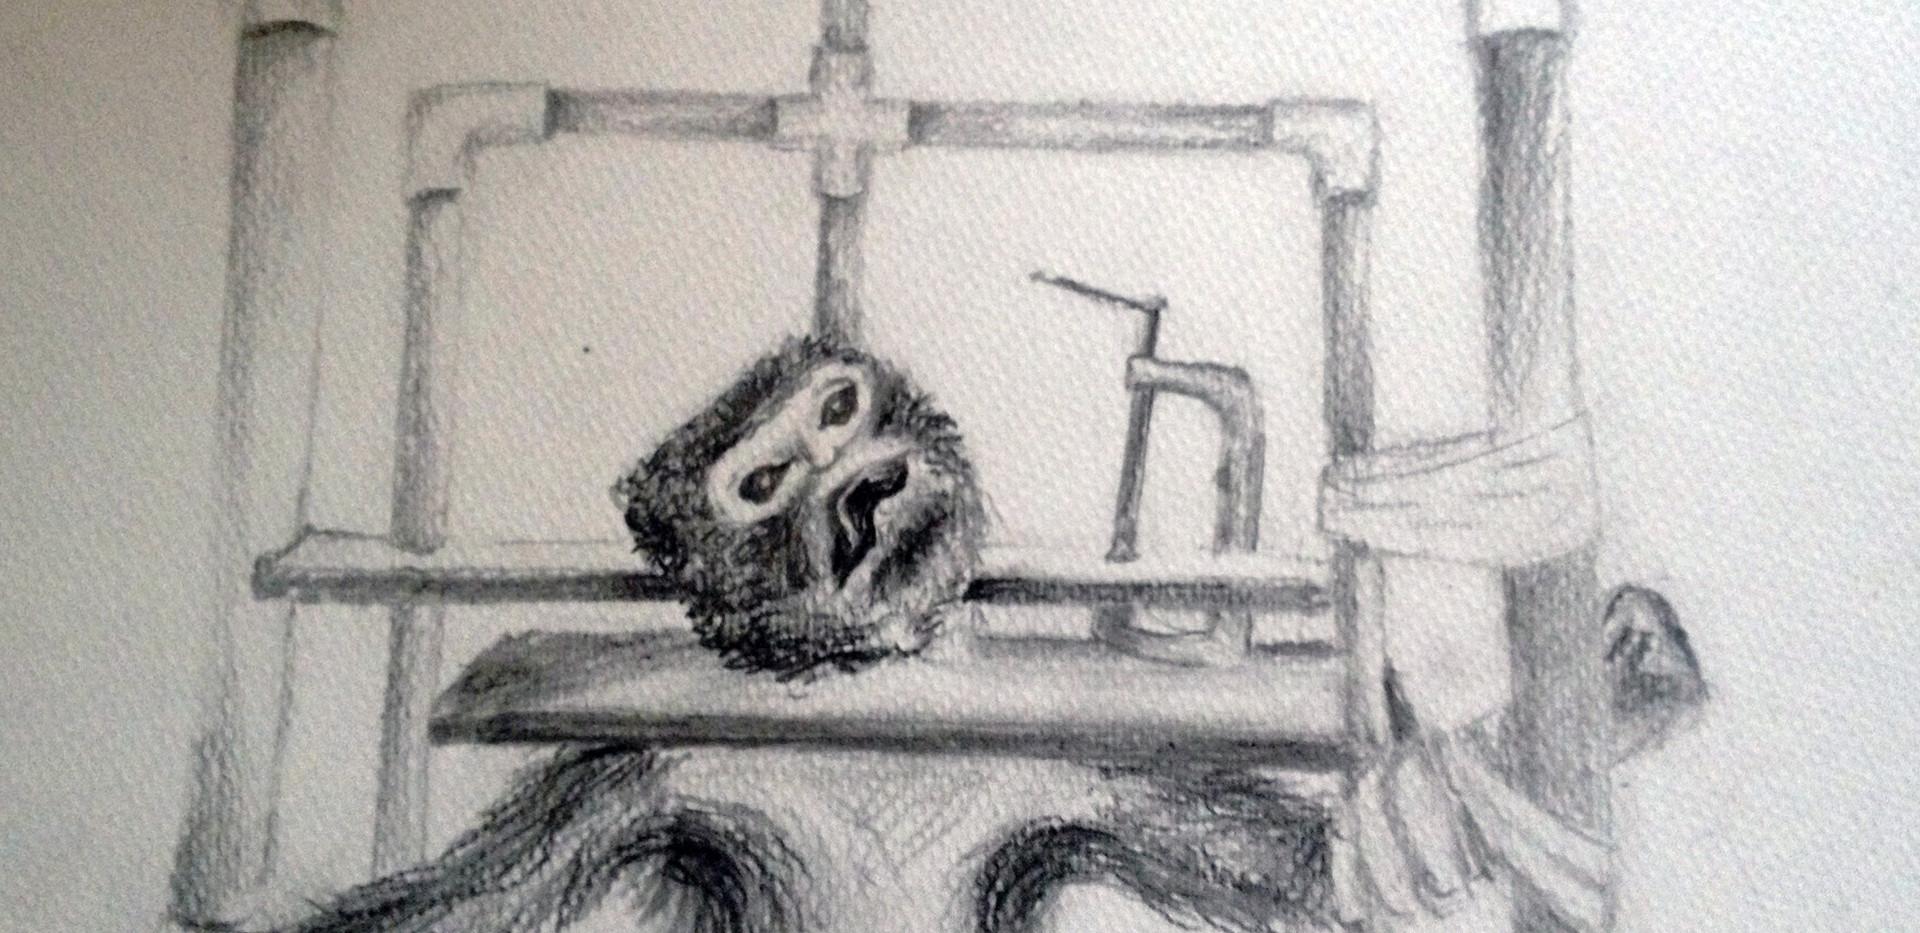 Monkey Sketch 1.jpg